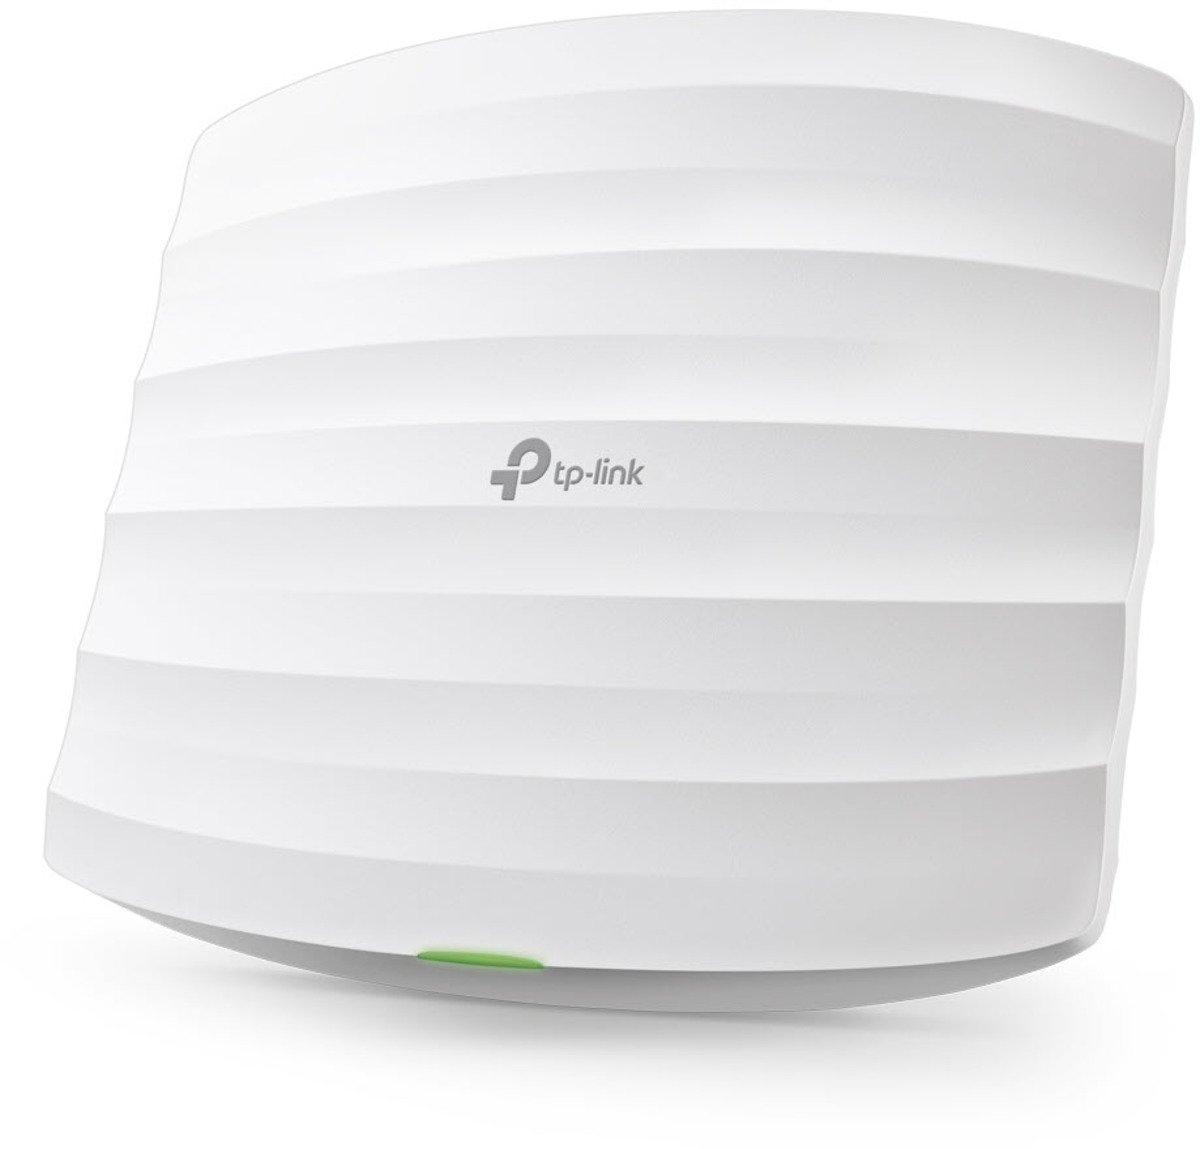 TP-Link WLAN-toegangspunt »EAP115 2,4 GHz 300 Mbps WLAN-toegangspunt« - verschillende betaalmethodes